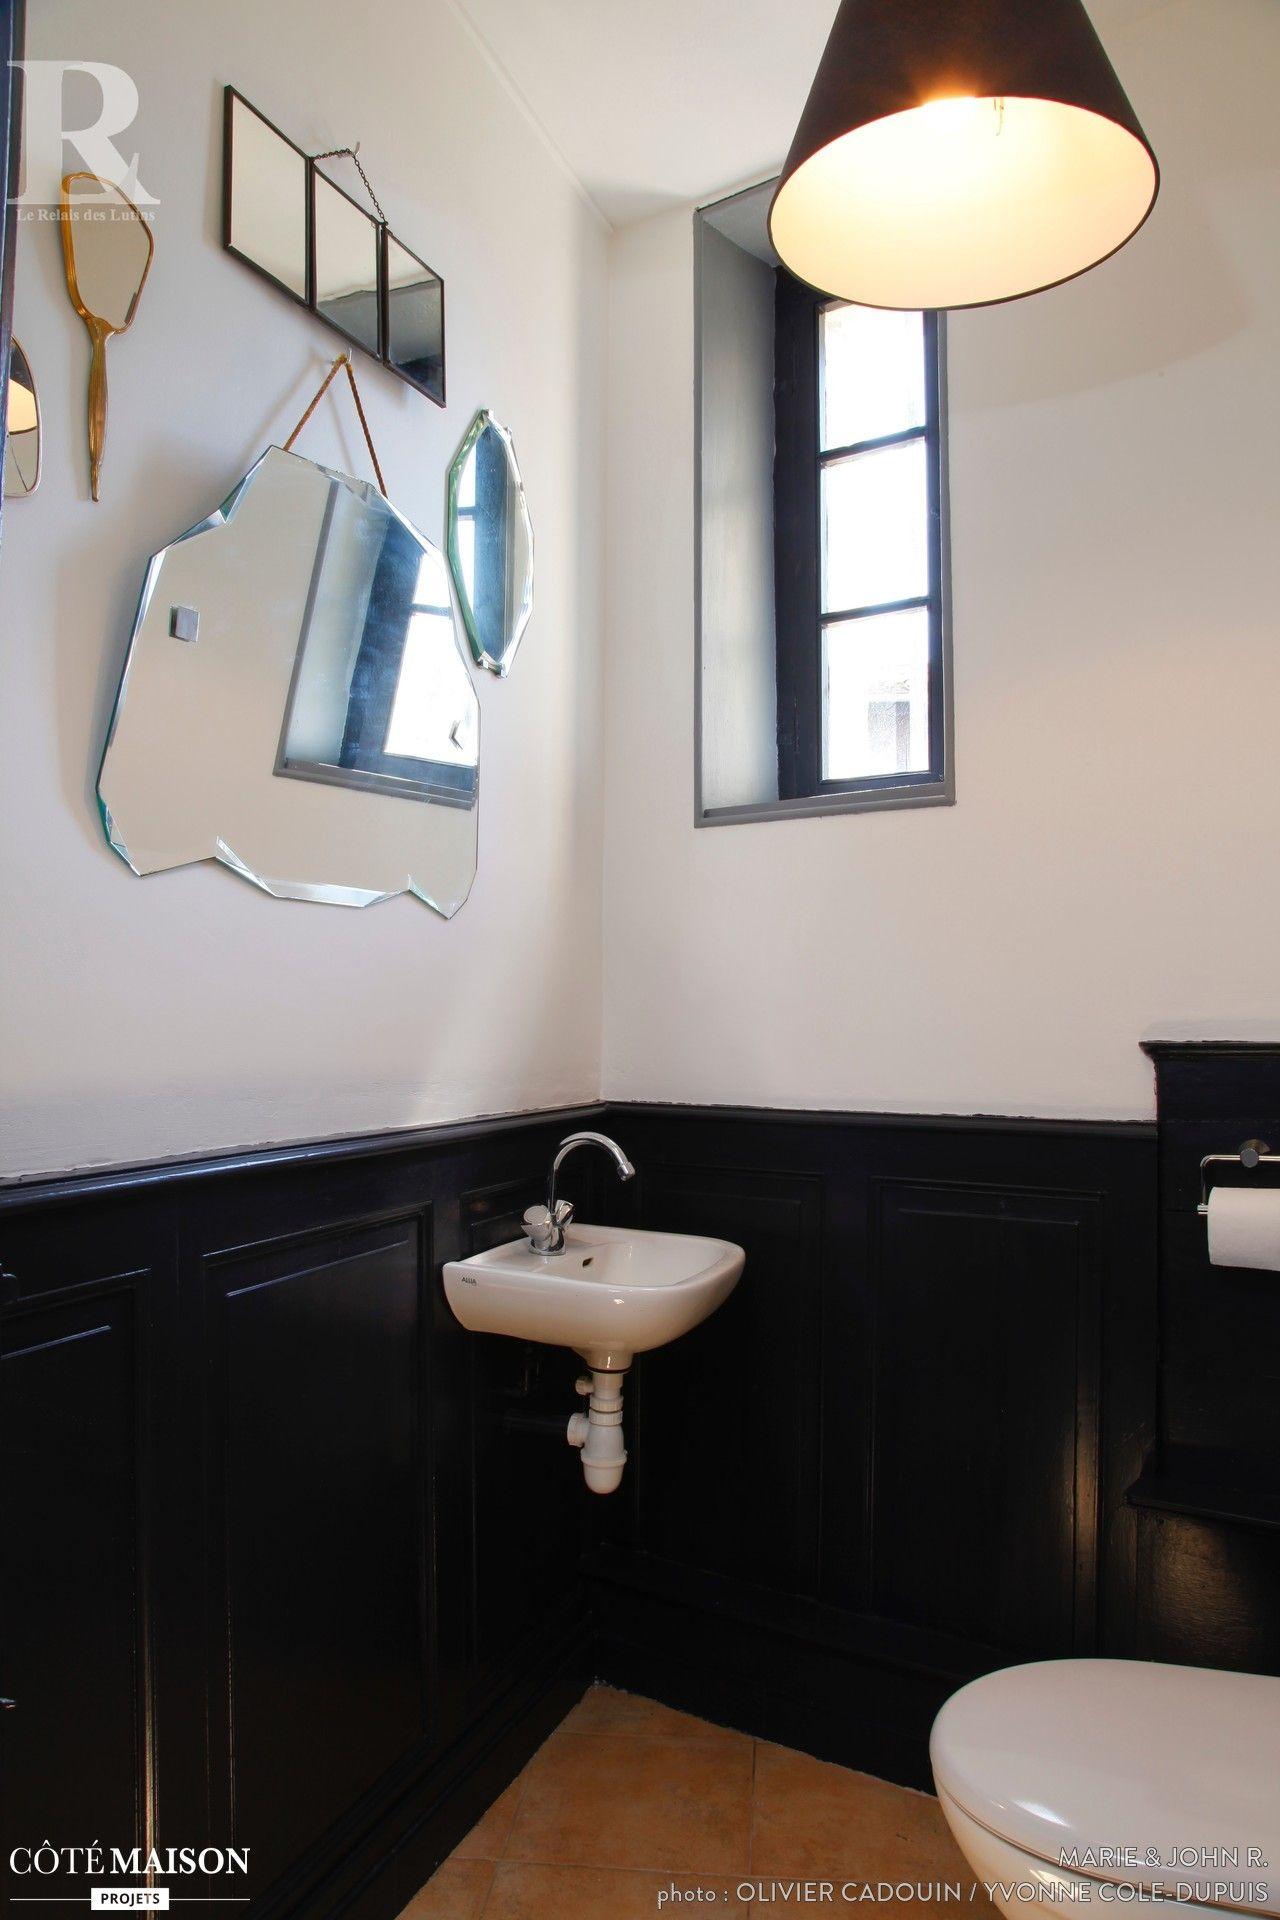 Accessoires Salle De Bain Charme ~ toilettes en noir et blanc avec quelques accessoires d co design